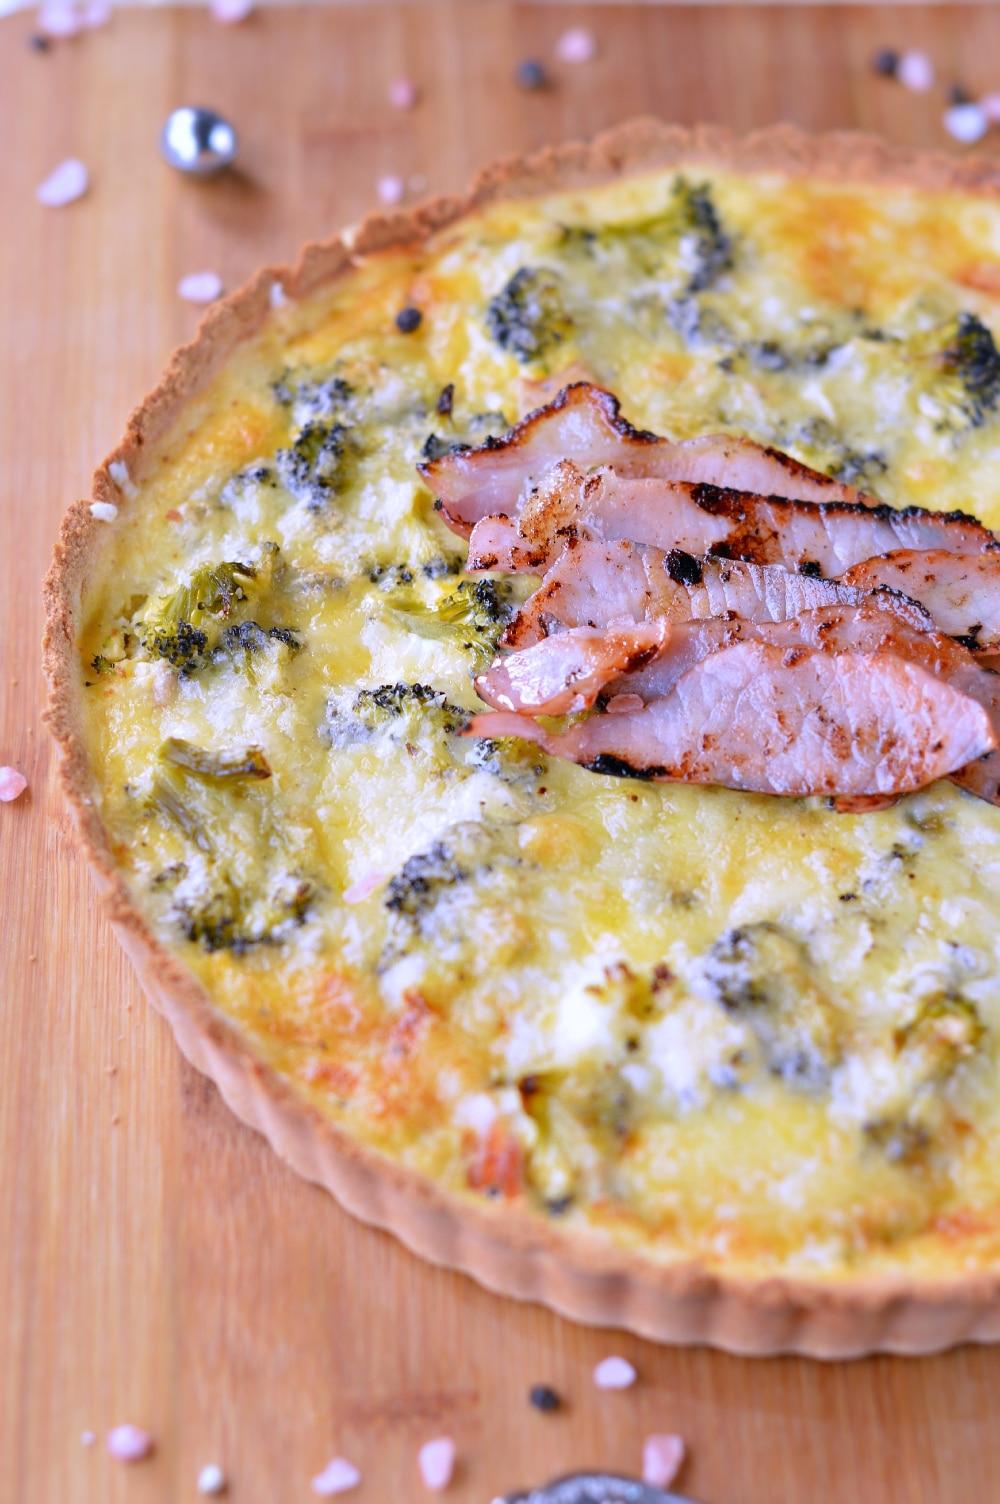 healthy broccoli quiche keto gluten free